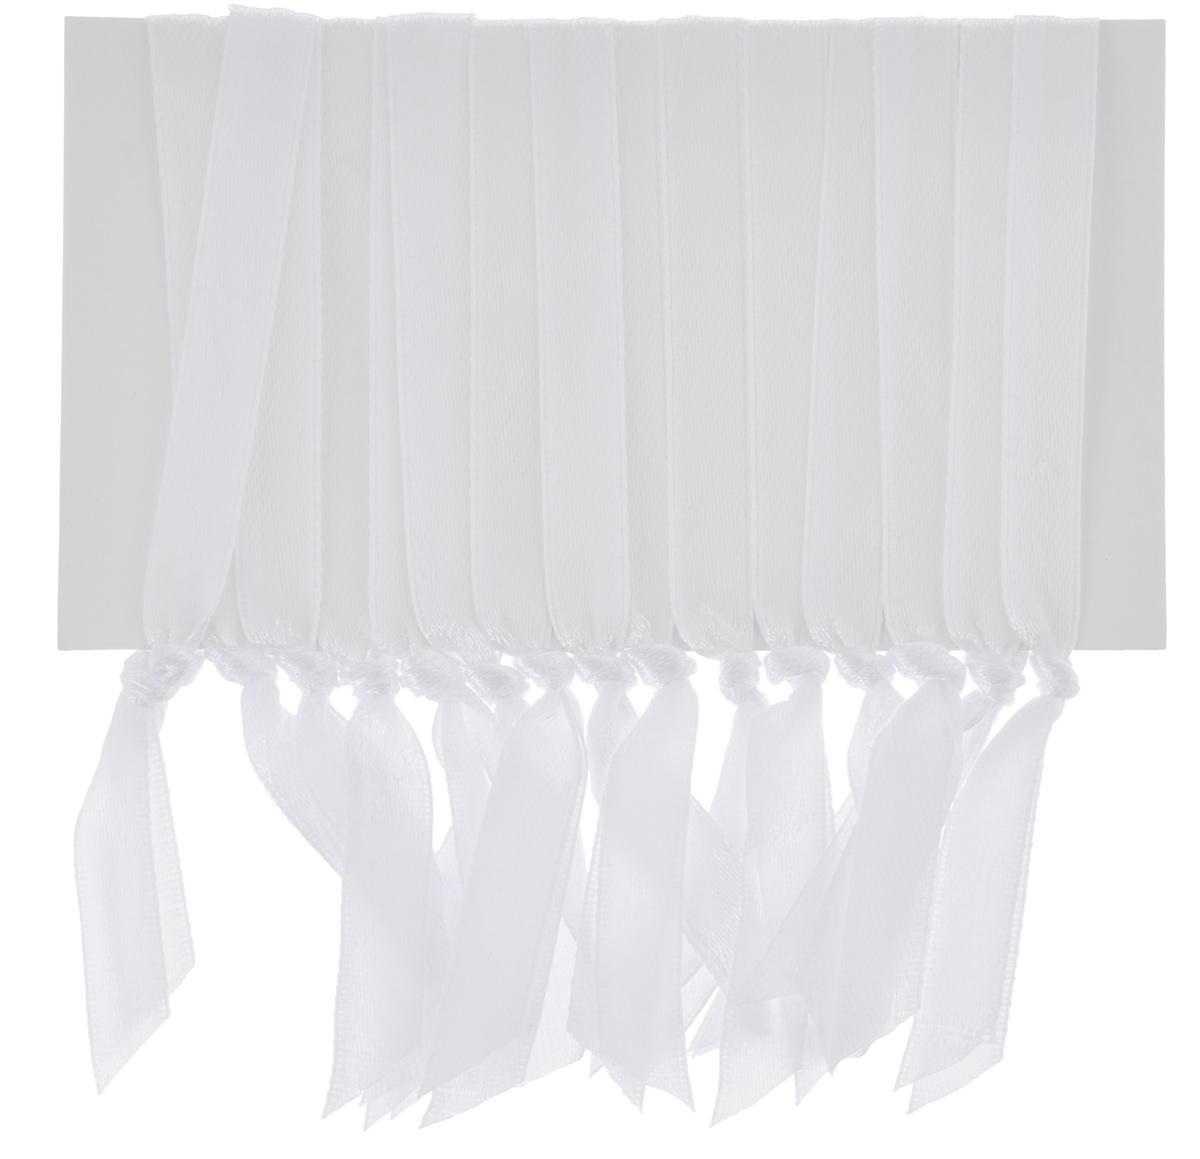 Набор лент Lunten Ranta для елочных украшений, цвет: белый, длина 32 см, 15 шт новогодняя гирлянда lunten ranta цвет серебристый длина 2 м 65515